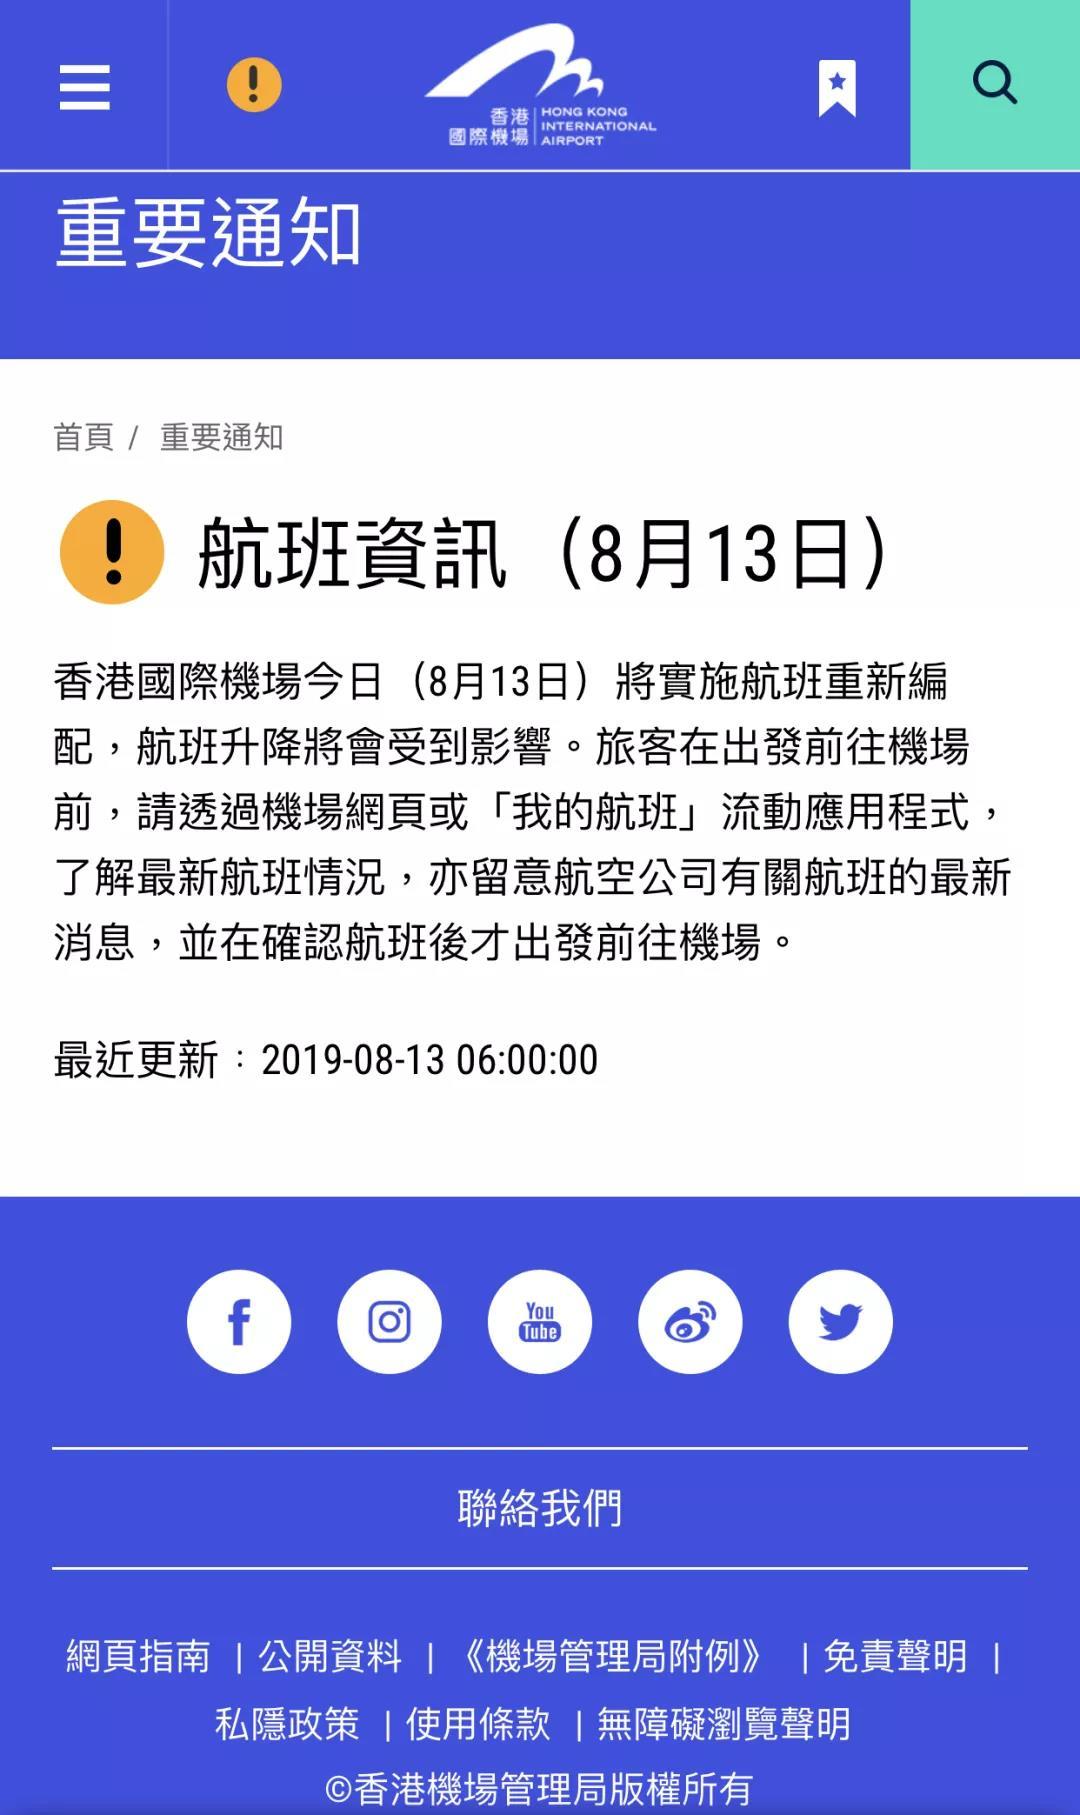 香港机场13日多个航班取消 下午或再有非法集会|香港机场